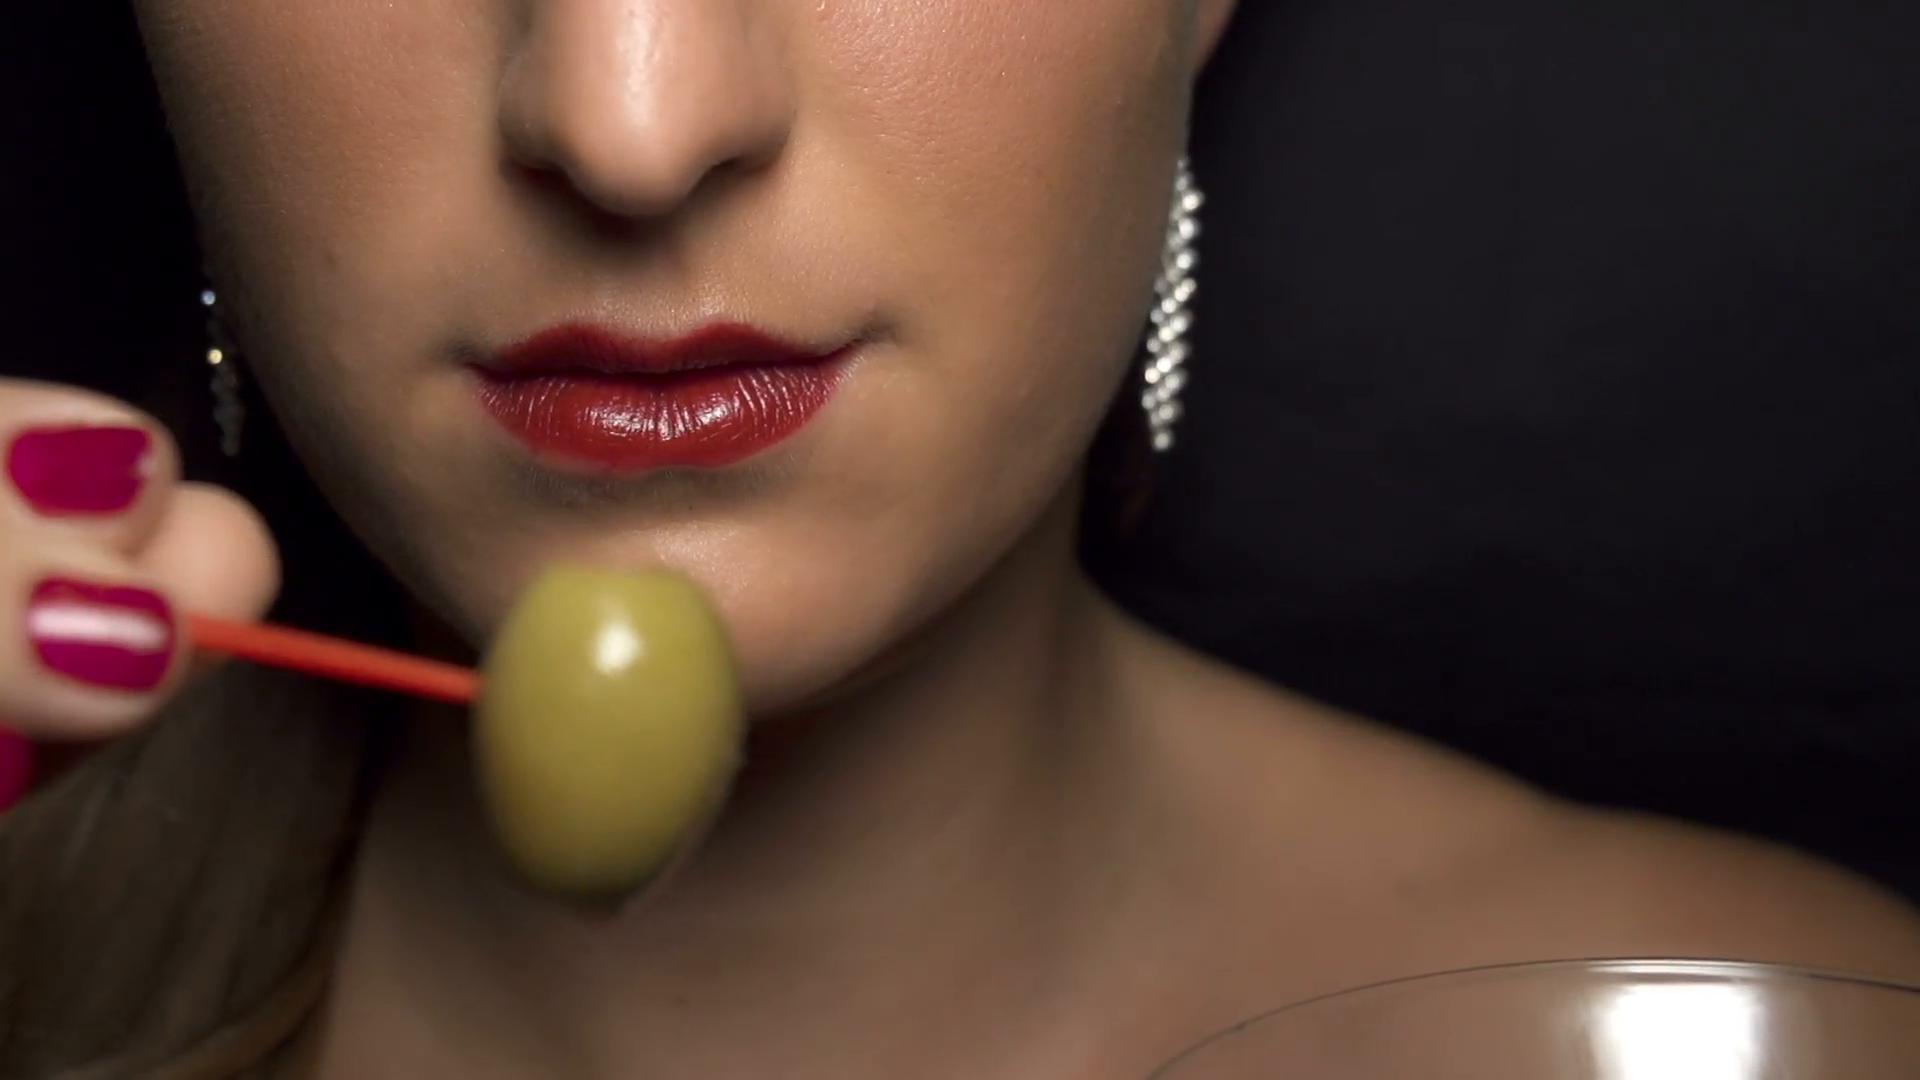 slow motion eating olive from martini glass nk2msewbl  f0002.png - Se você gosta de comer azeitonas ou chocolate amargo, é um sinal de que está ficando VELHO